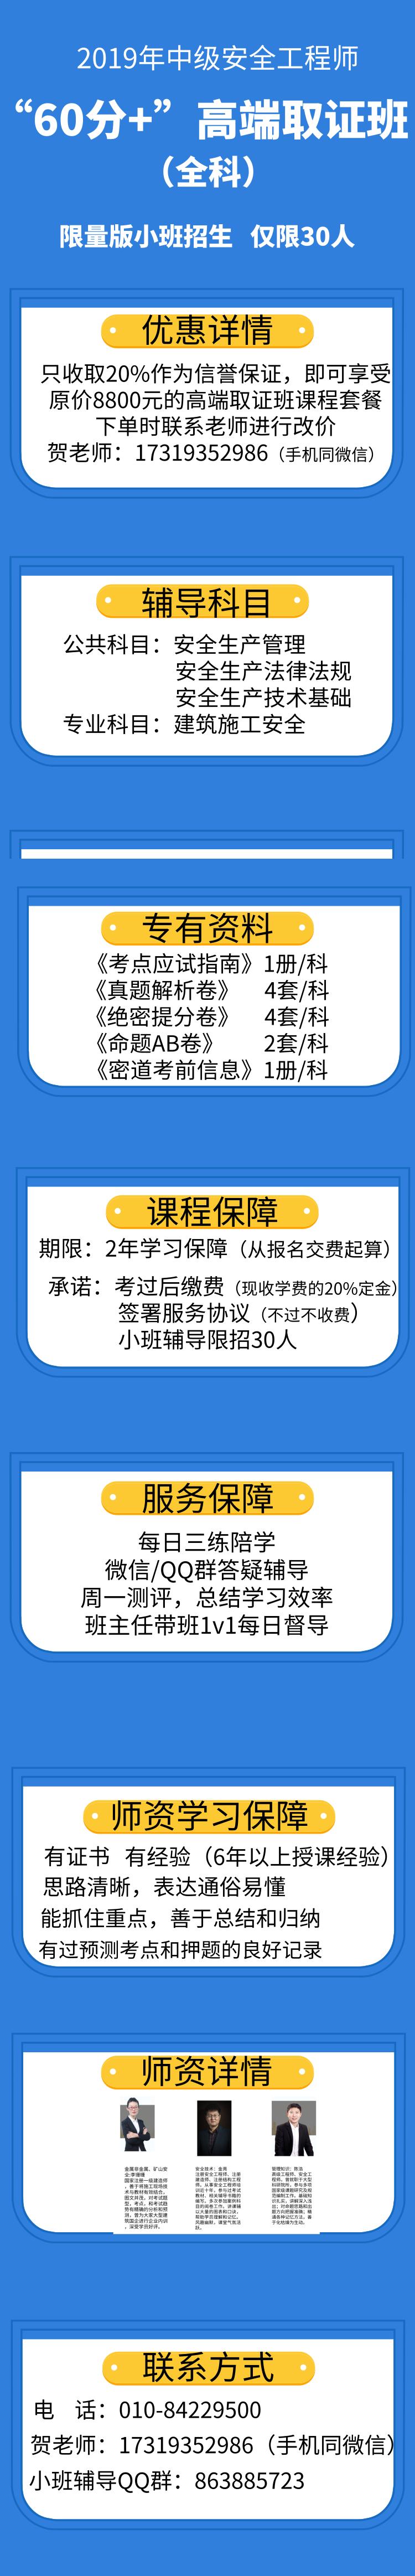 建筑安全高端班详情图_自定义px_2019.09.10.png